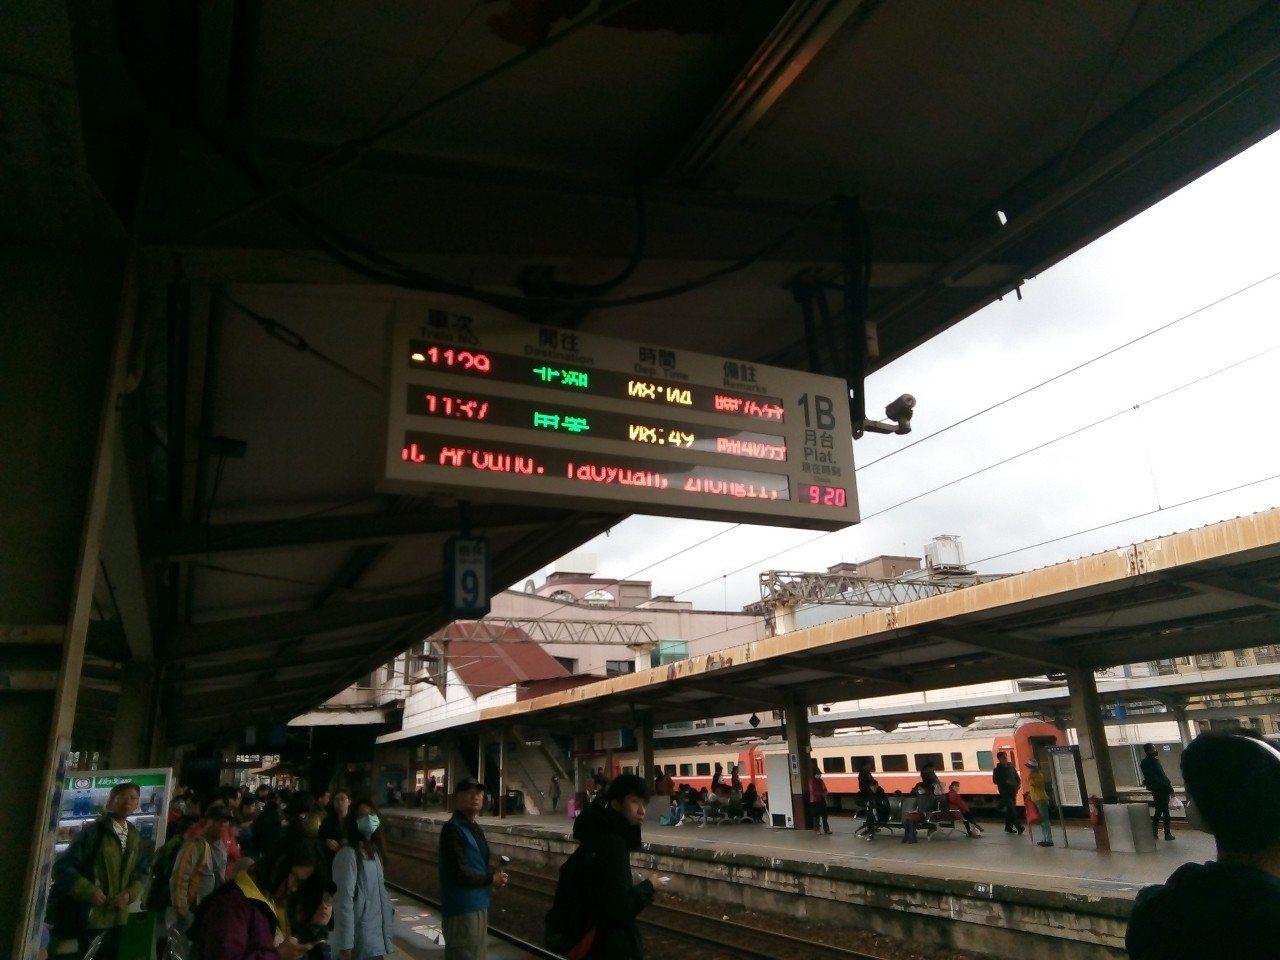 台鐵今天基隆-七堵間列車大誤點,有民眾看到日本旅客對誤點感到新奇,於是拍下誤點的...